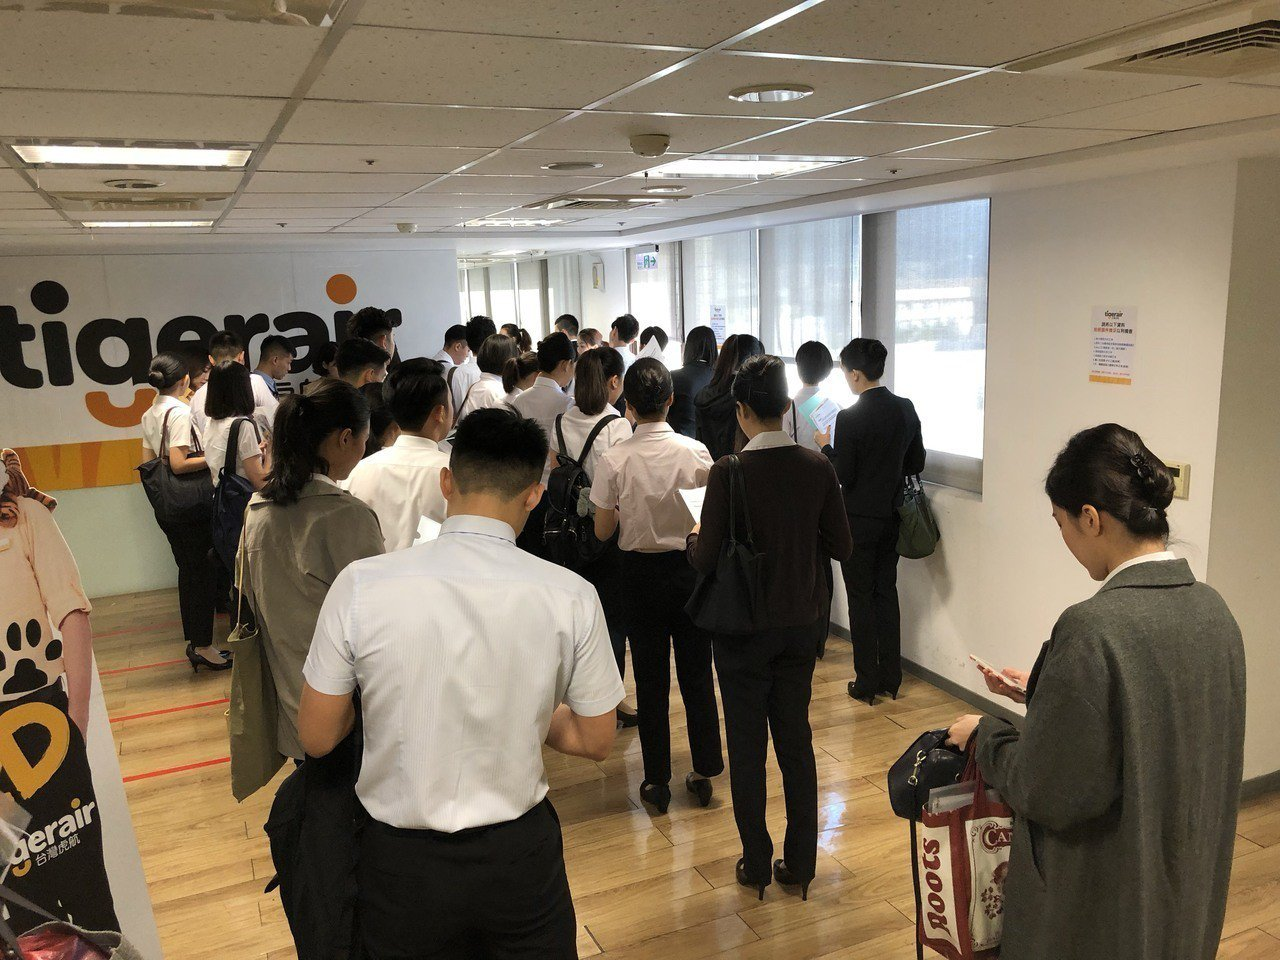 台灣虎航今招募客艙組員,考生報到踴躍。 圖/台灣虎航提供